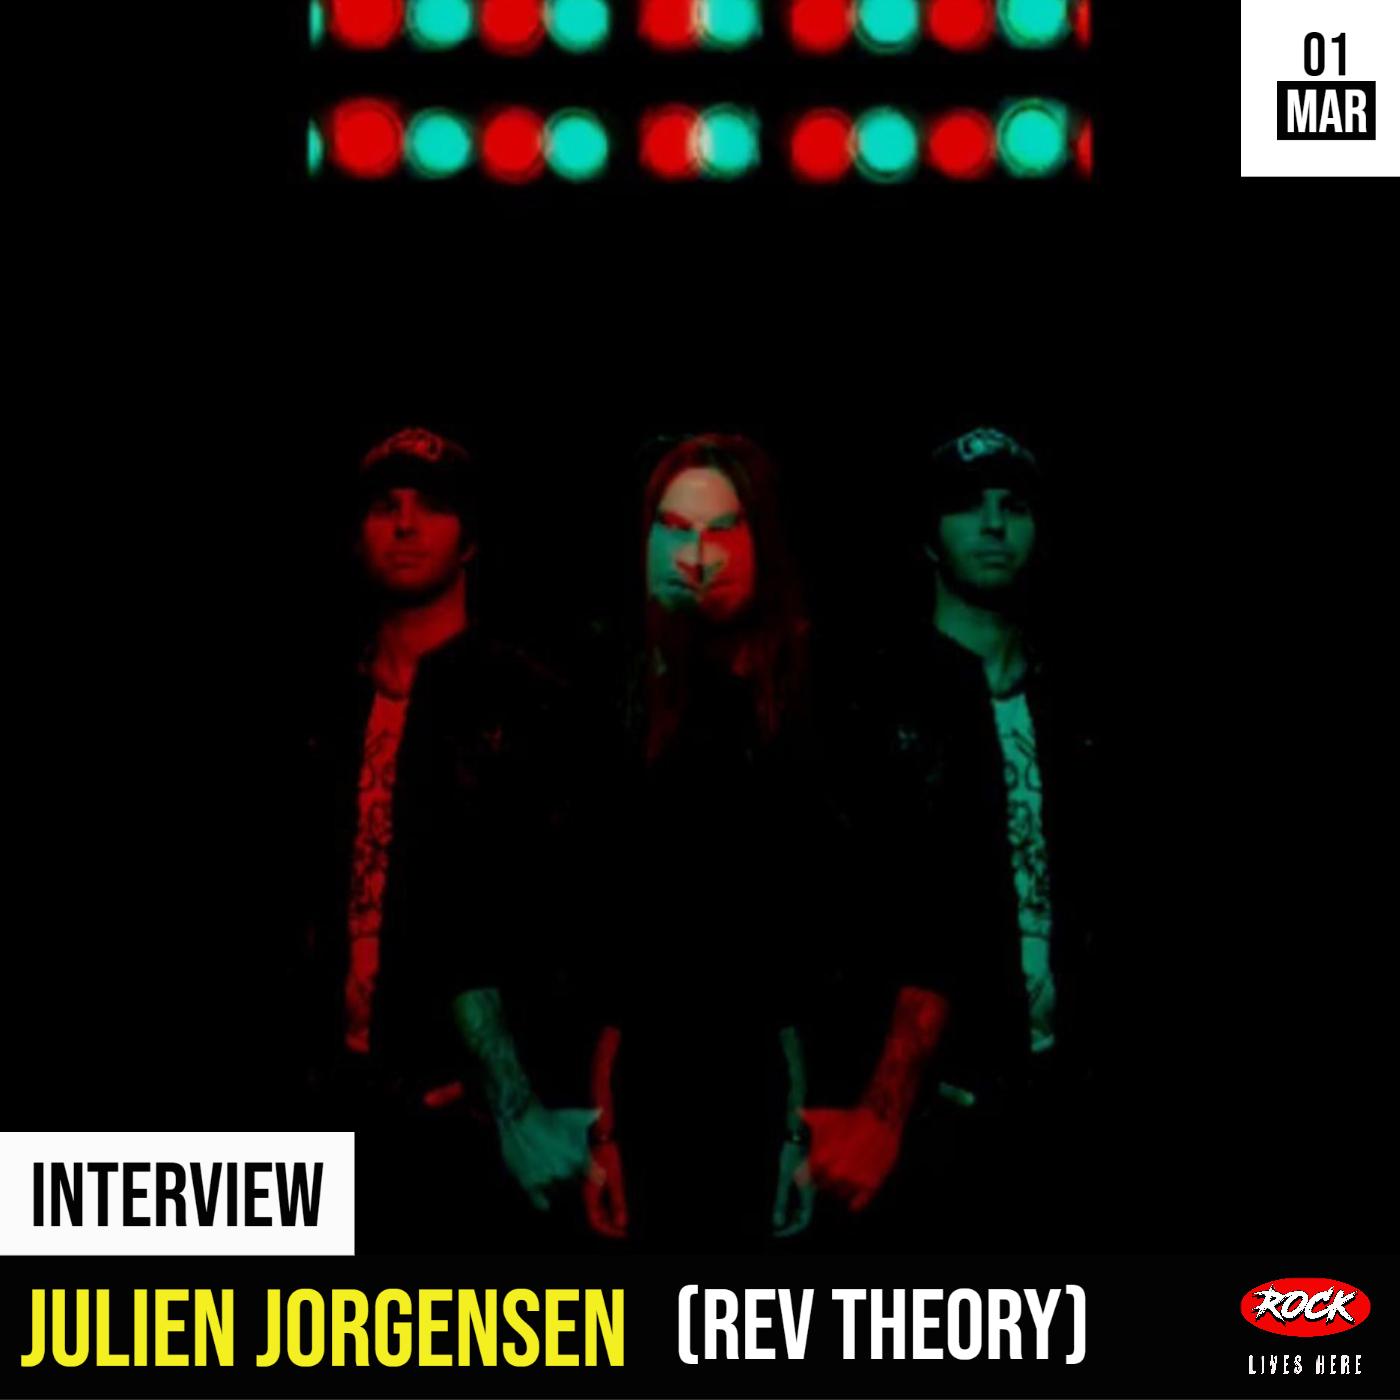 Julien Jorgensen (Rev Theory)